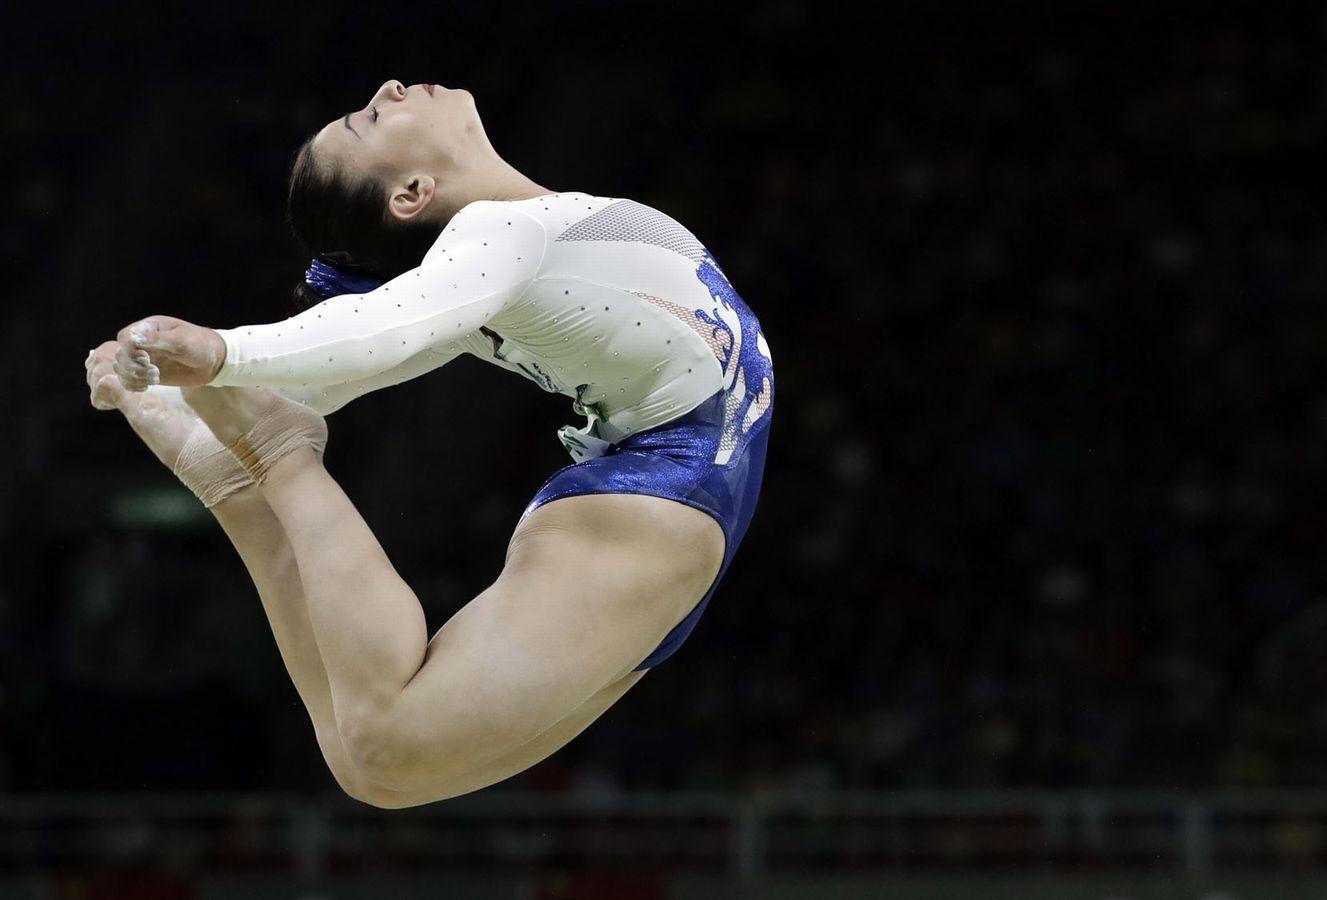 комнате картинки о женской спортивной гимнастике пожаловать нашу